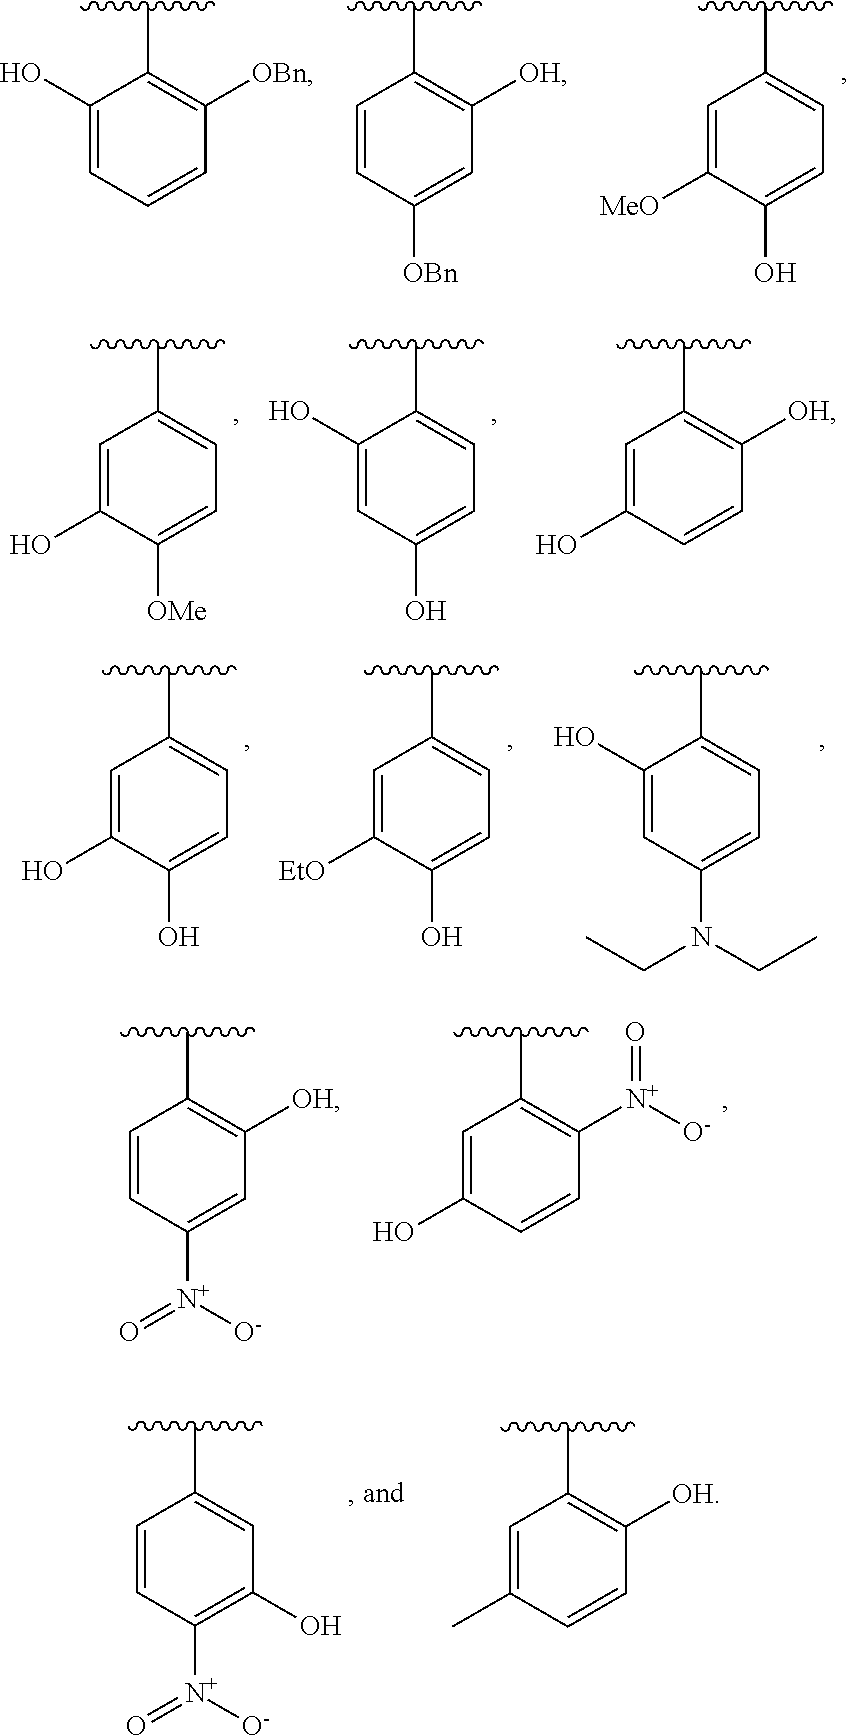 Figure US09540317-20170110-C00130